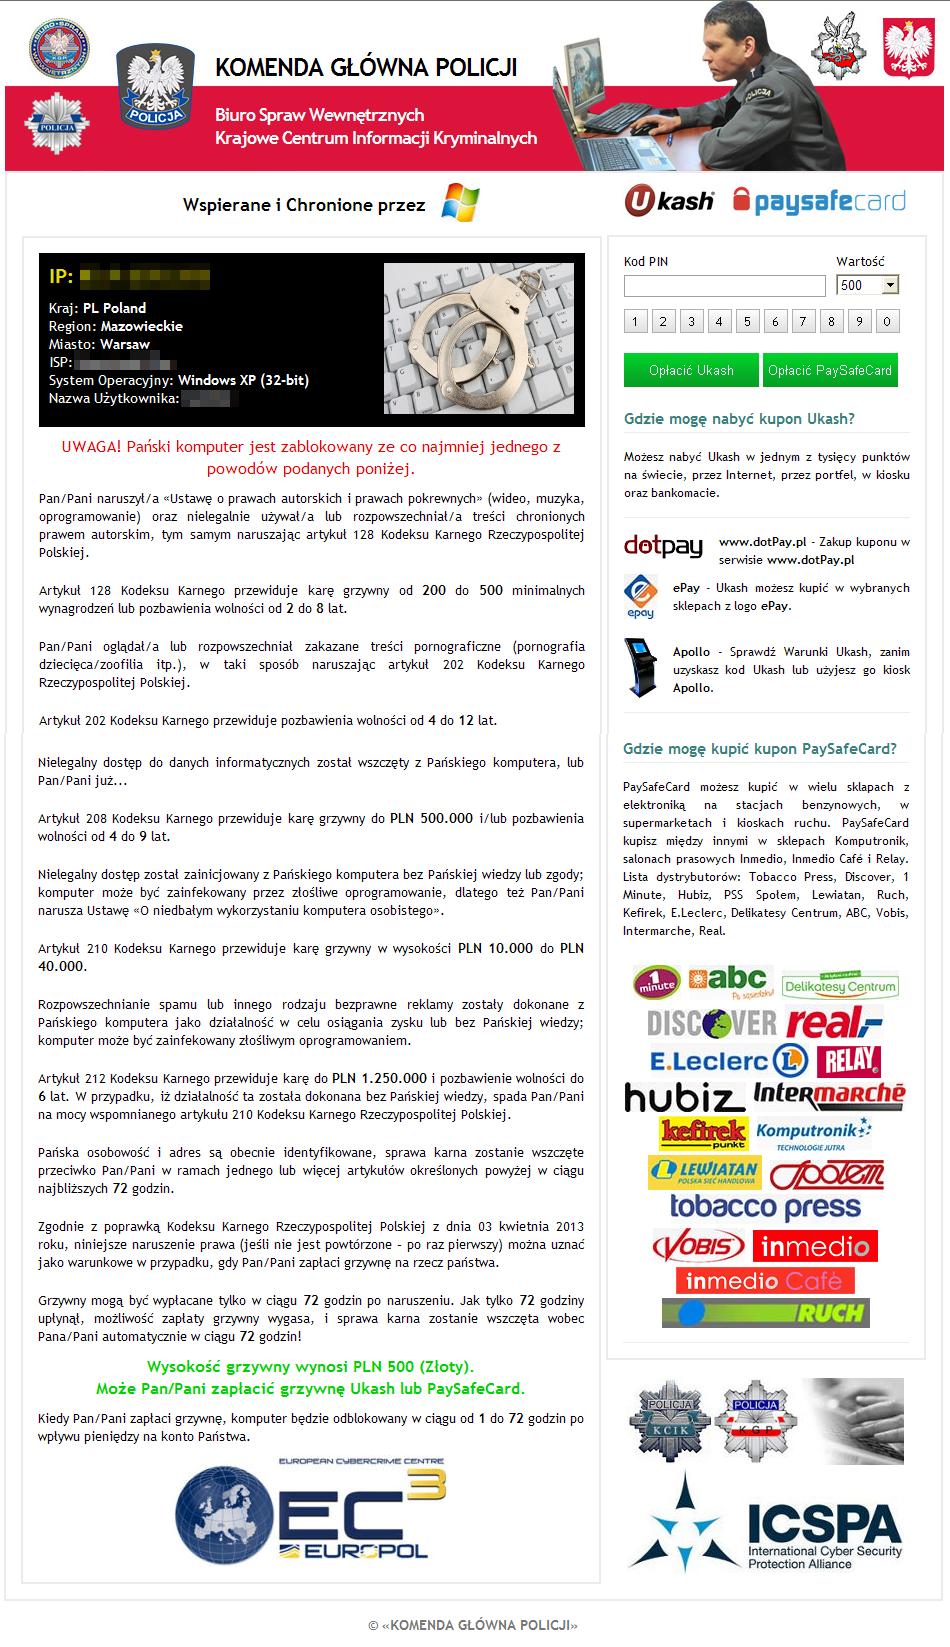 Przykład ransomware rozpowszechnianego w Polsce, źródło: CERT